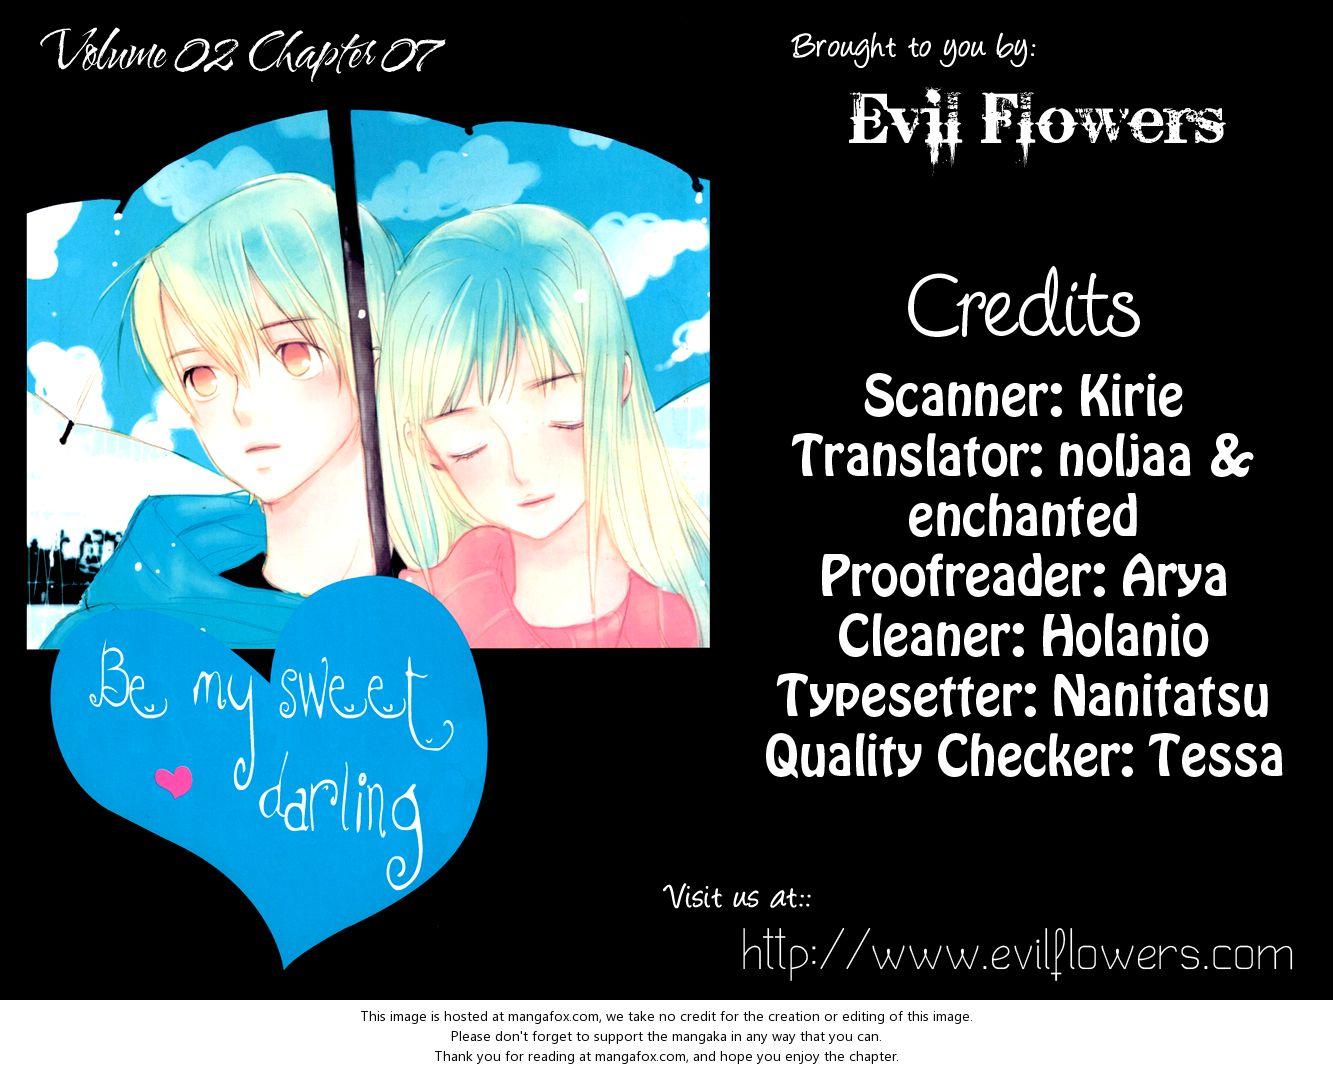 Be My Sweet Darling 13 at MangaFox.la